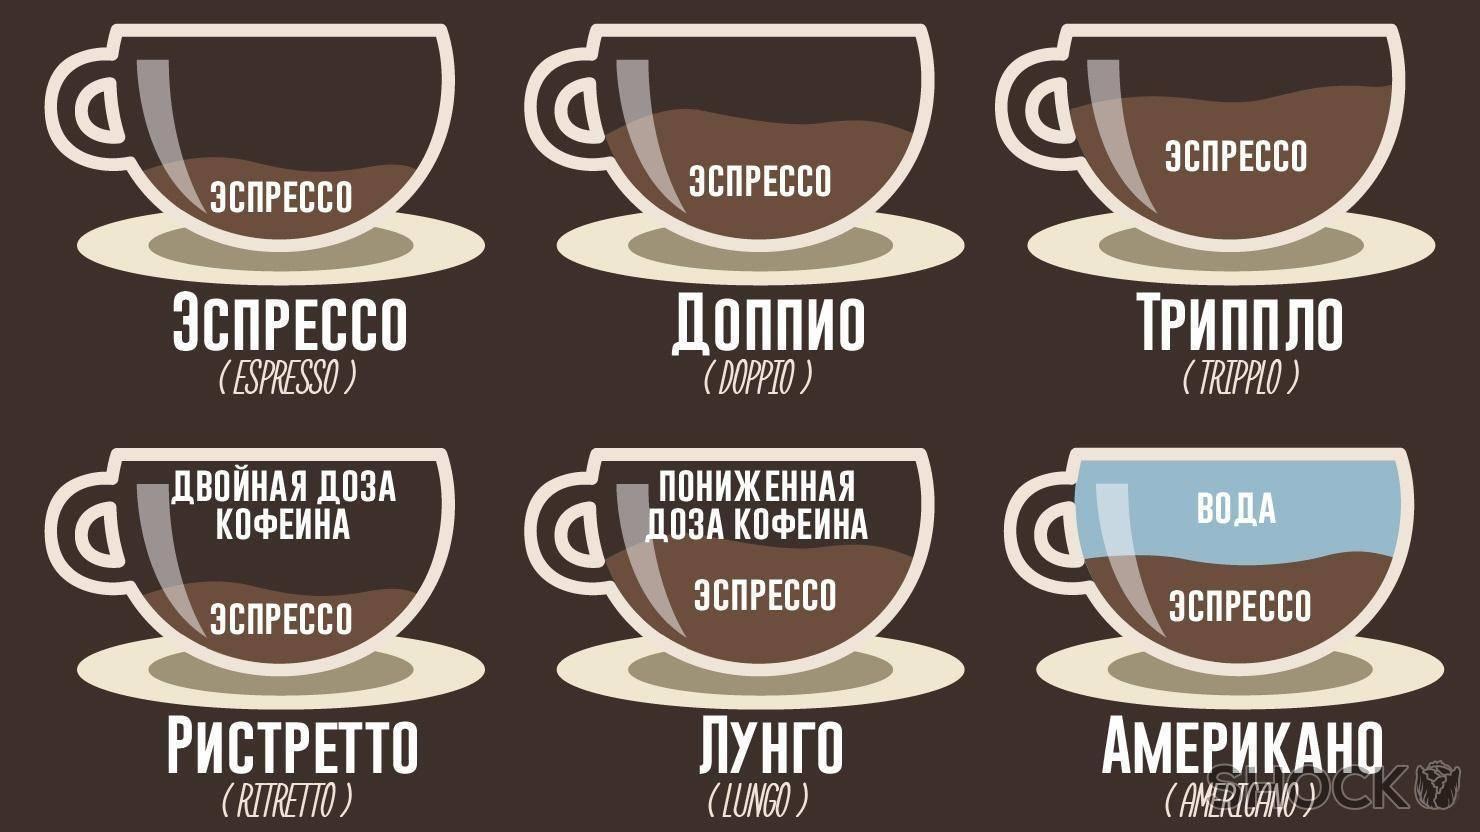 Лучшие чашки для капучино: советы по выбору этой посуды